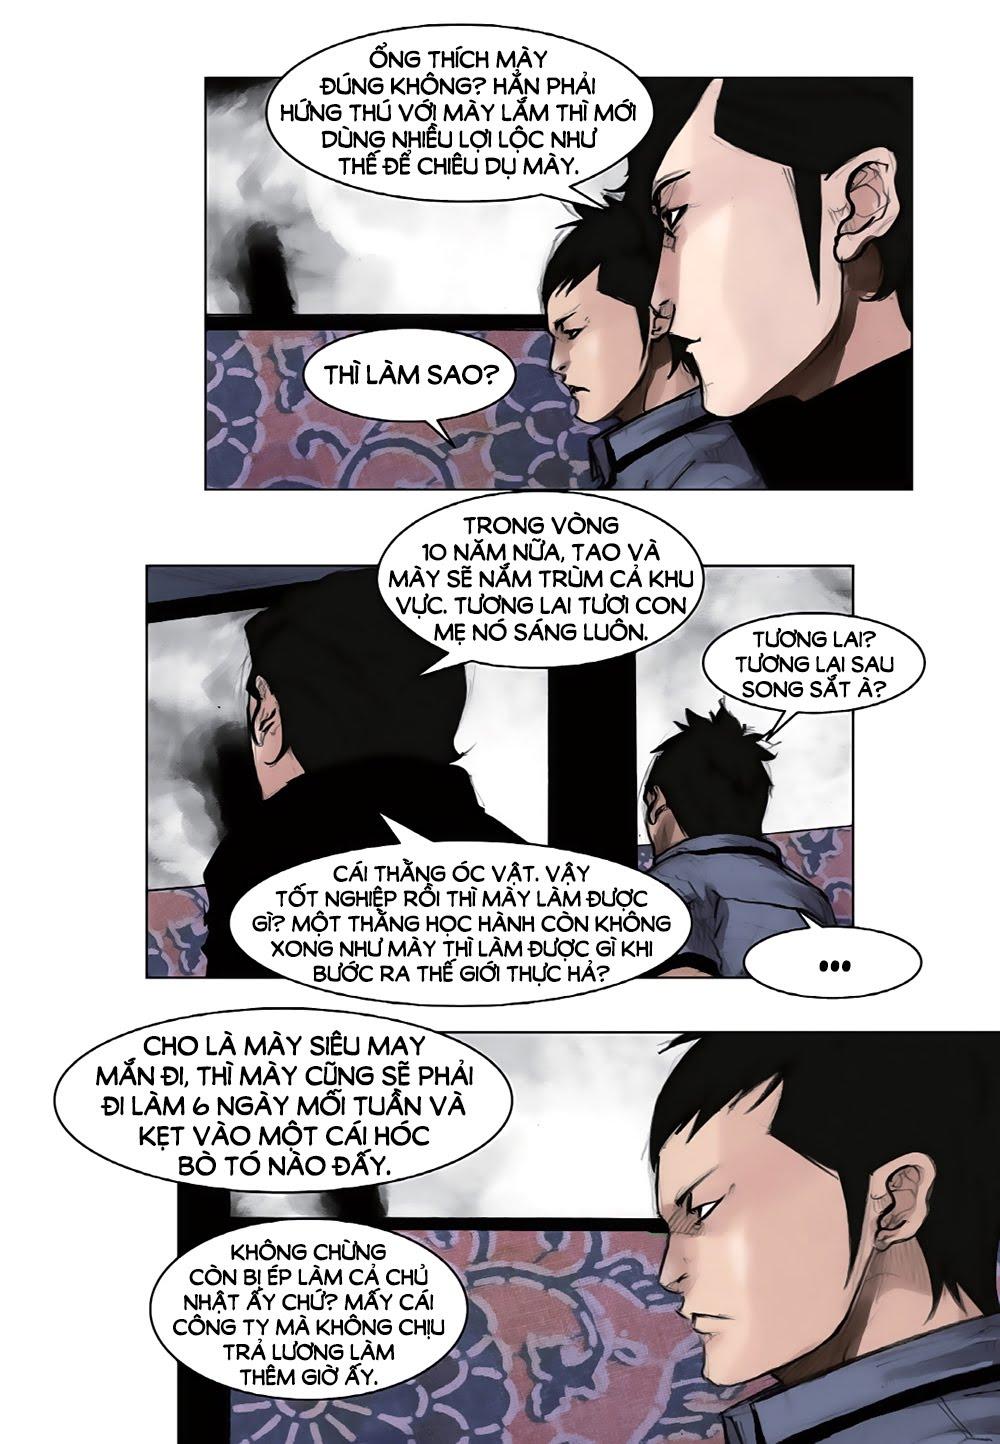 Tong phần 1-13 trang 9